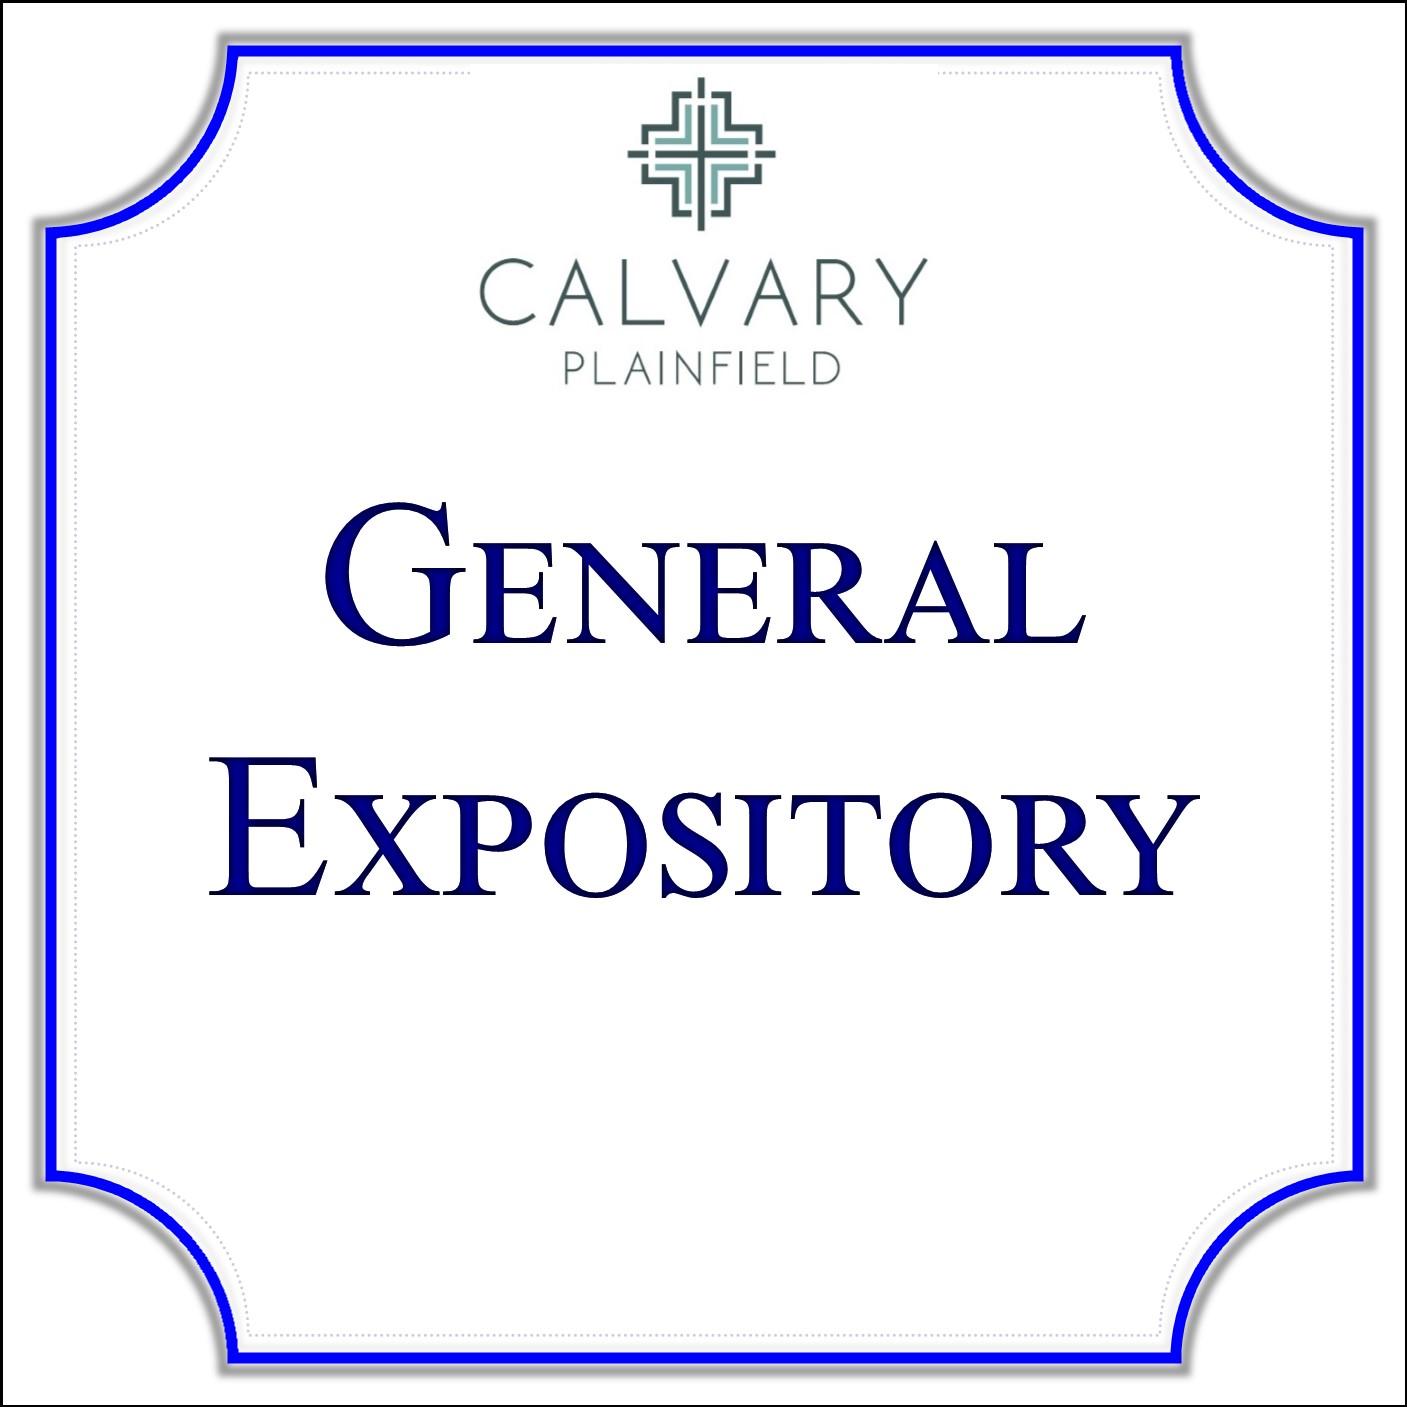 General Expository.jpg